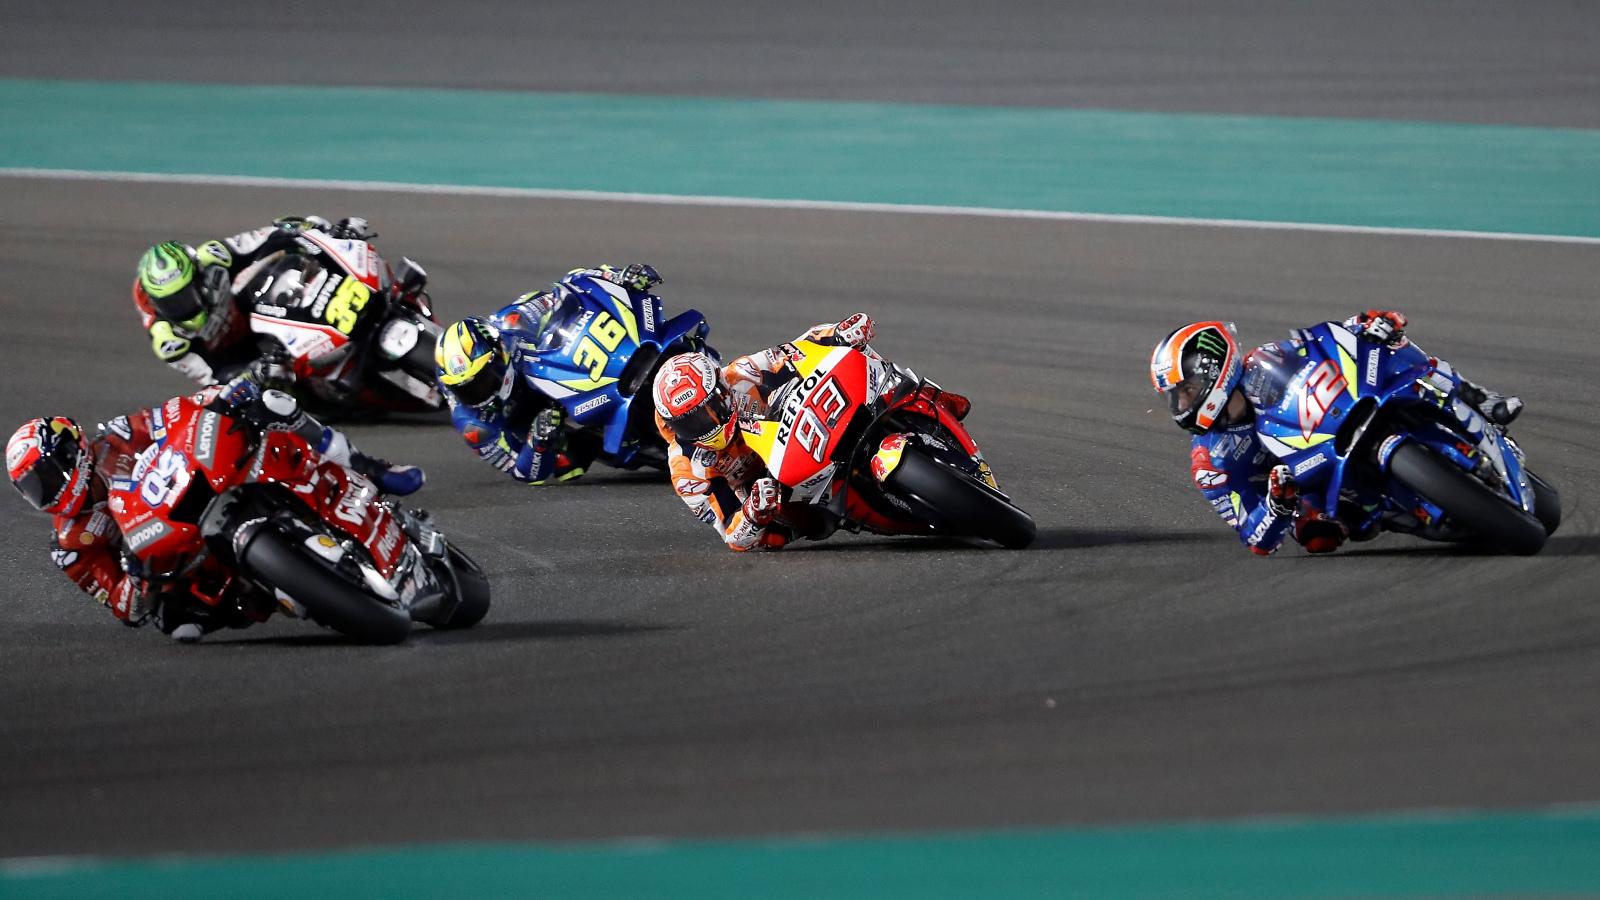 Píldoras MotoGP Qatar 2019: Las bolas de dragón, un huevo de cocodrilo y la Rossiliencia